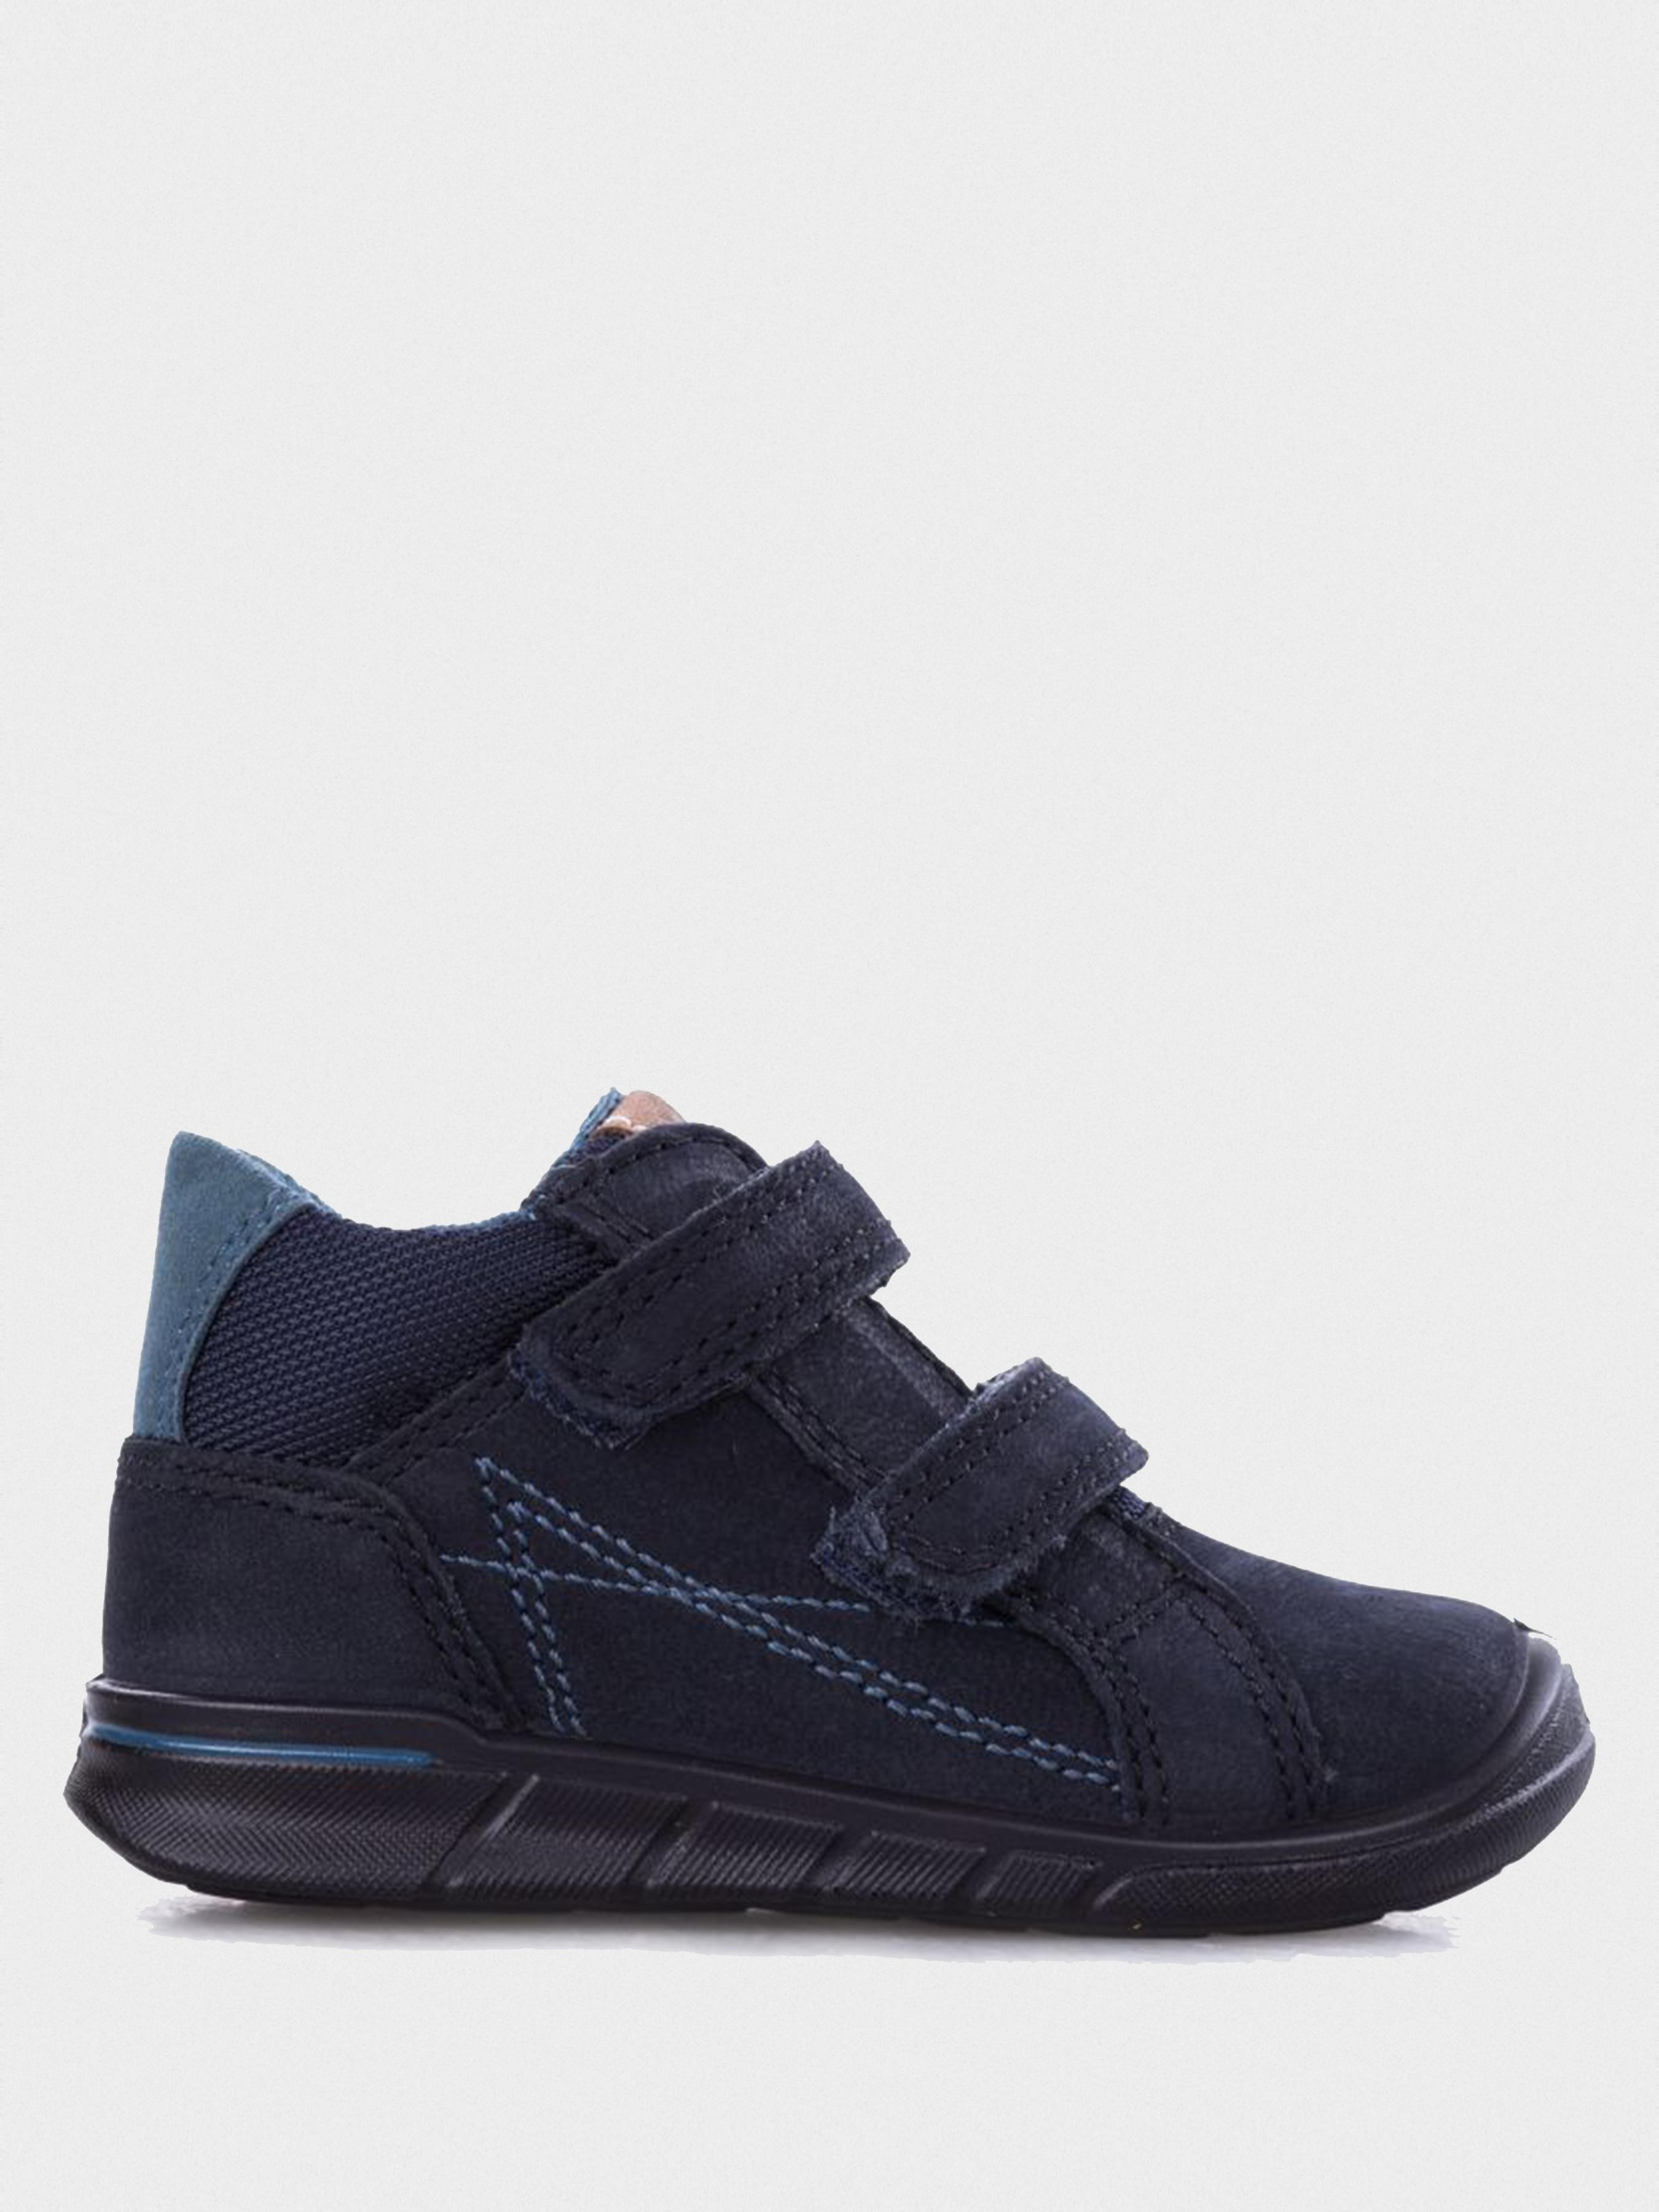 Купить Ботинки детские ECCO FIRST ZK3317, Синий